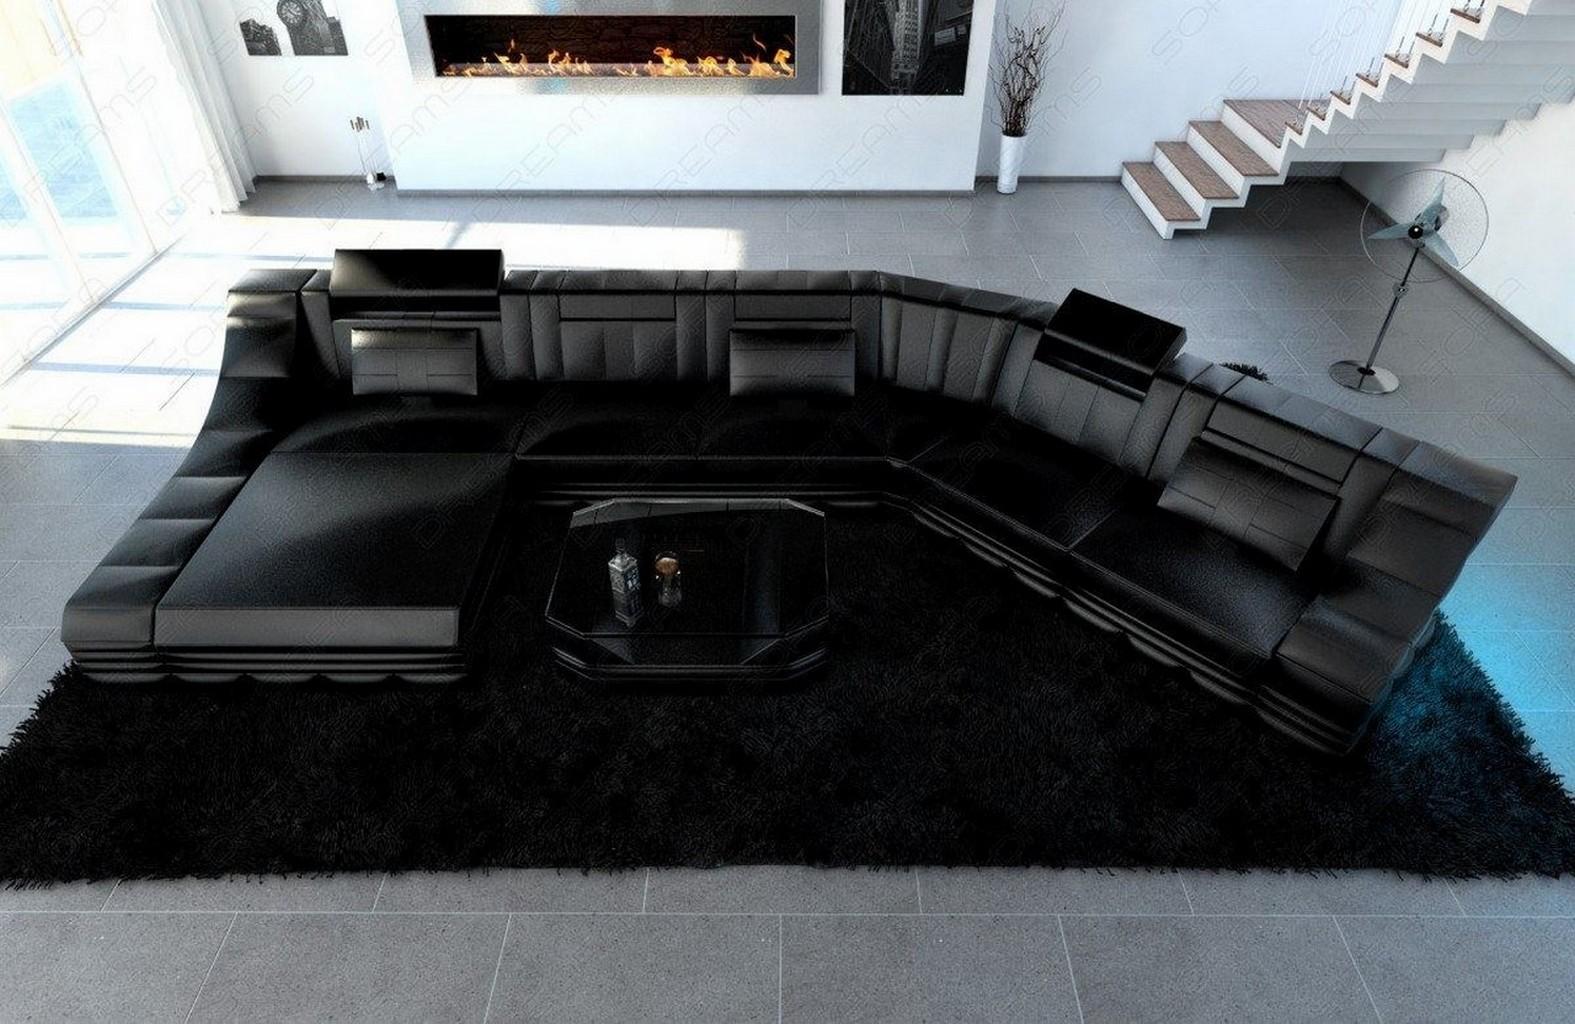 ledercouch luxus wohnlandschaft turino cl mit led licht eckcouch schwarz schwarz ebay. Black Bedroom Furniture Sets. Home Design Ideas